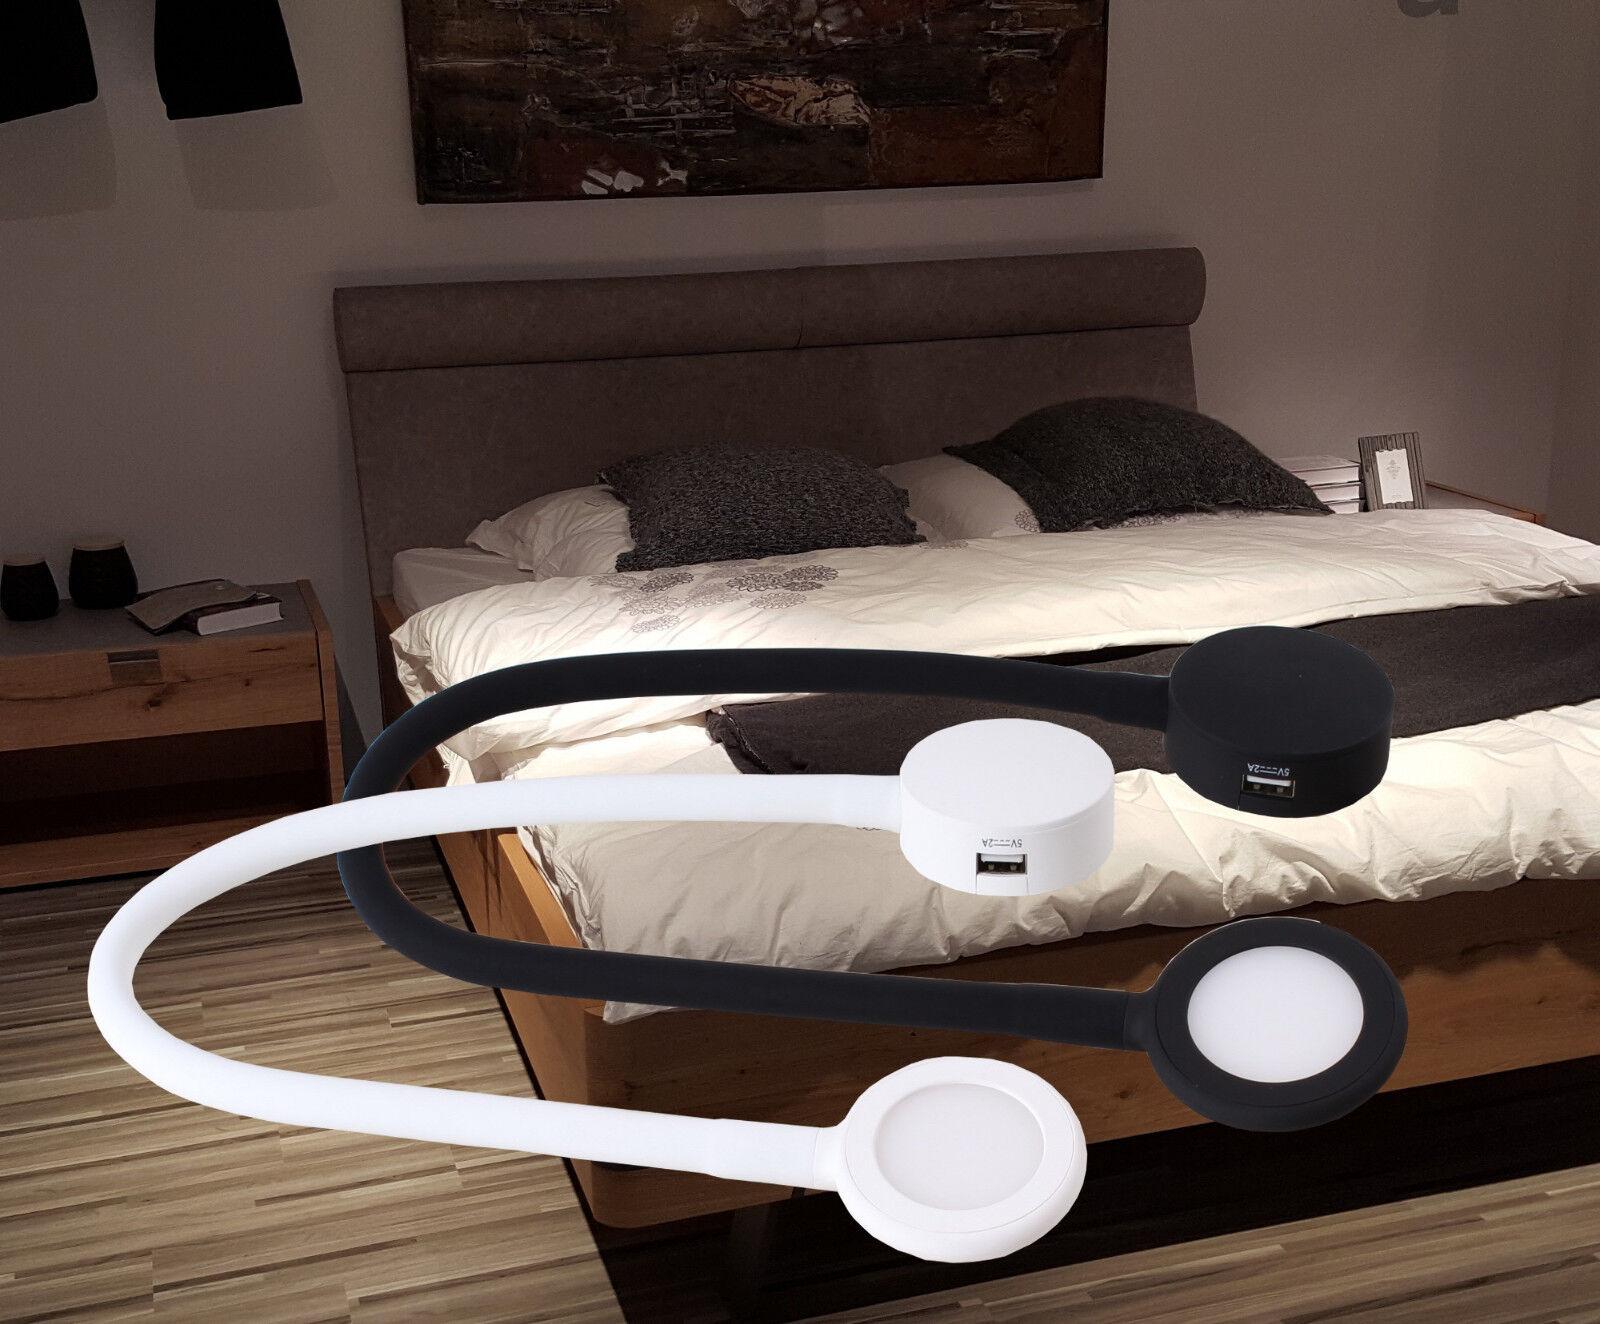 LED Bettlampen Set Bettleuchte Touch dimmbar weiß schwarz Leseleuchte  4203-04